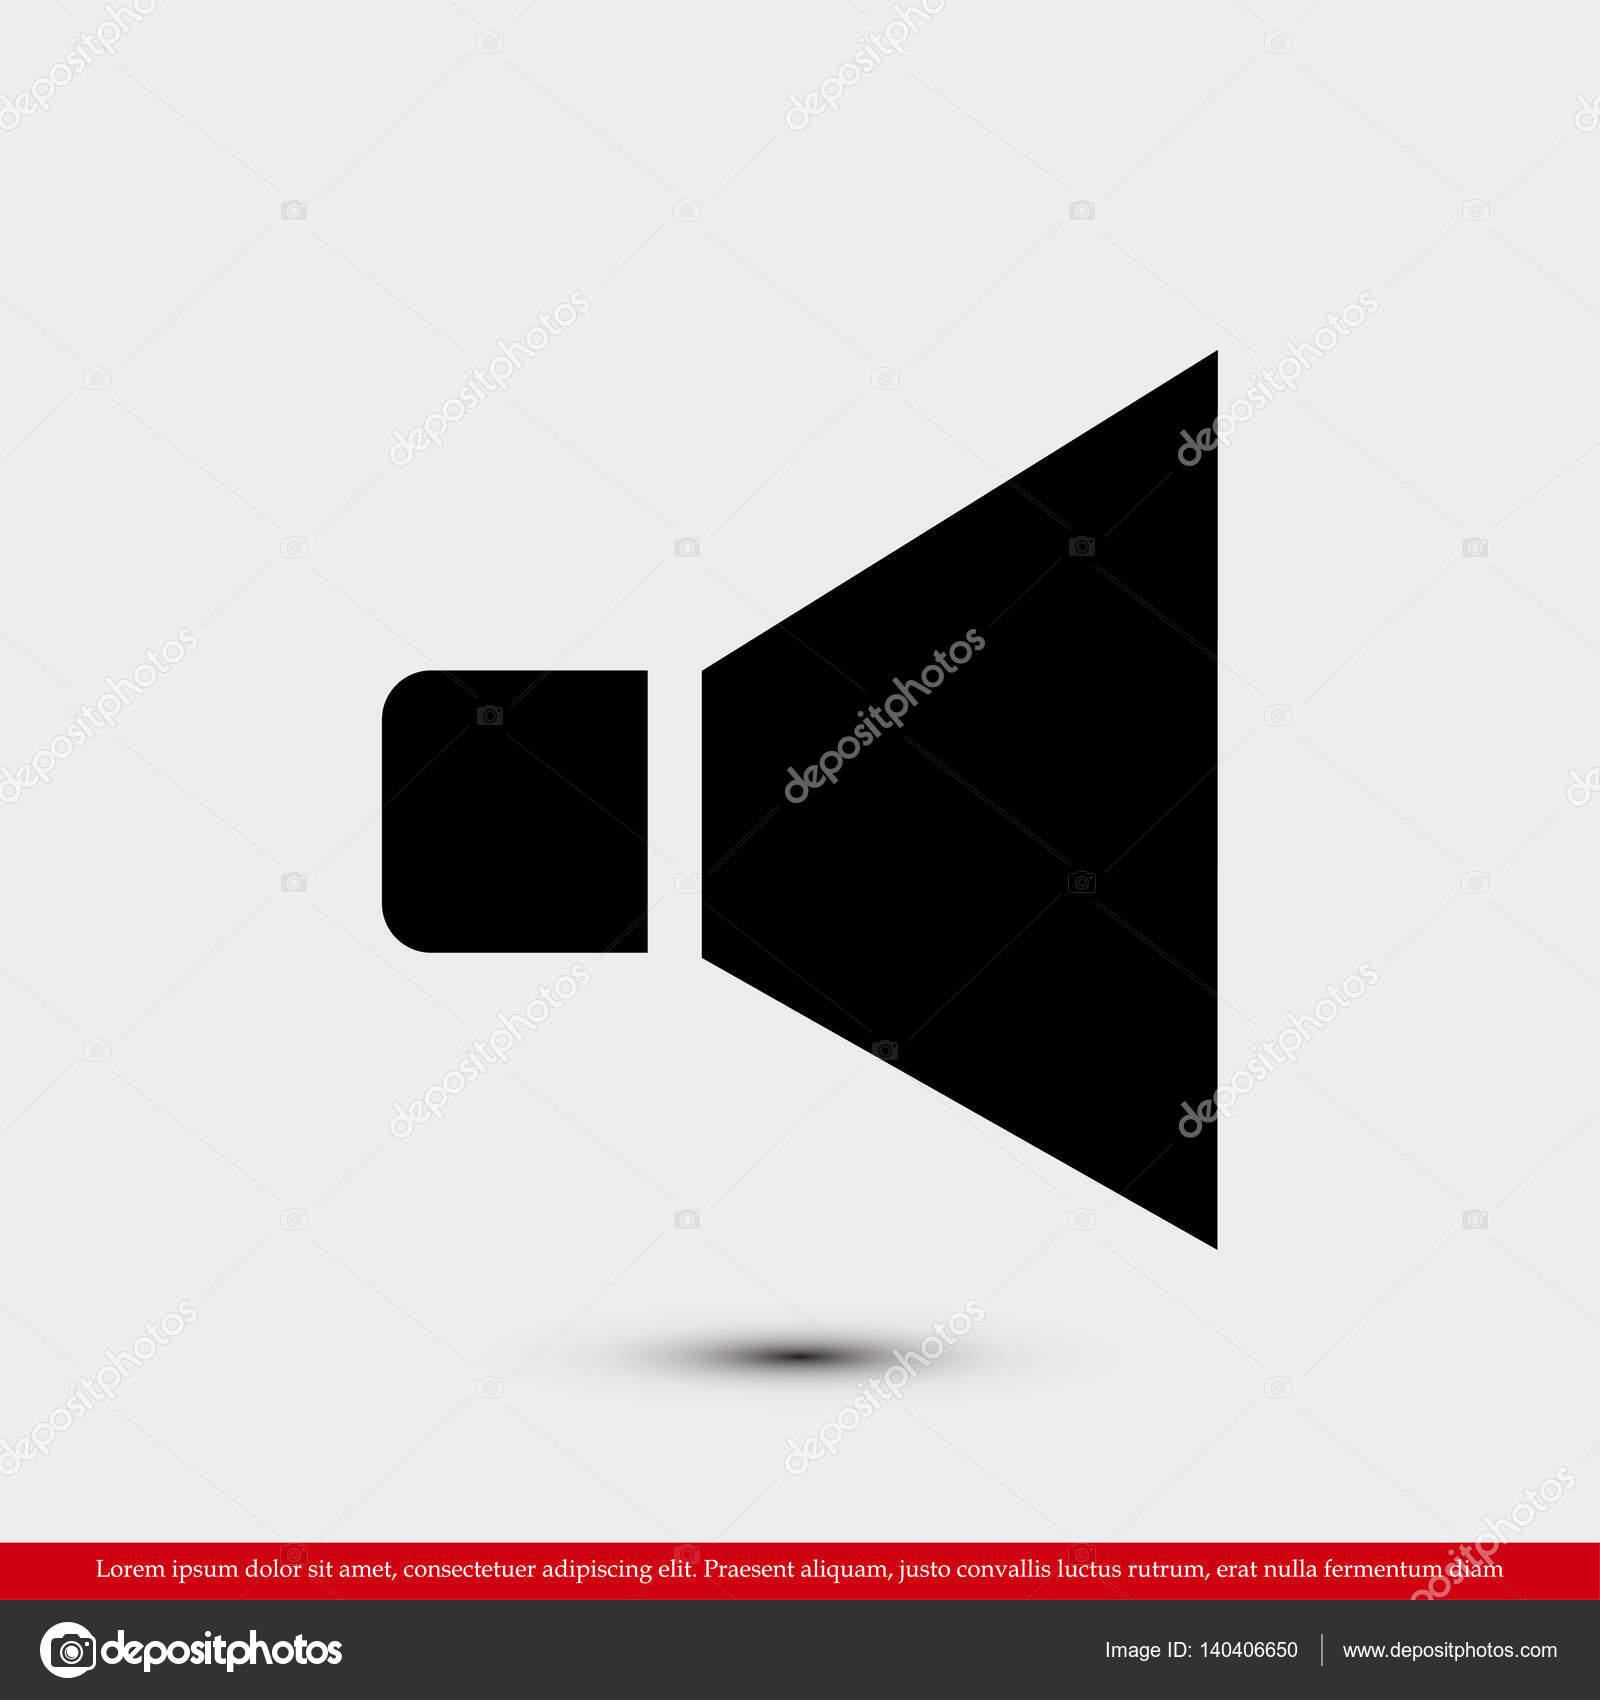 Ausgezeichnet Ausblenden Lautsprecher Drahtform Ideen - Schaltplan ...